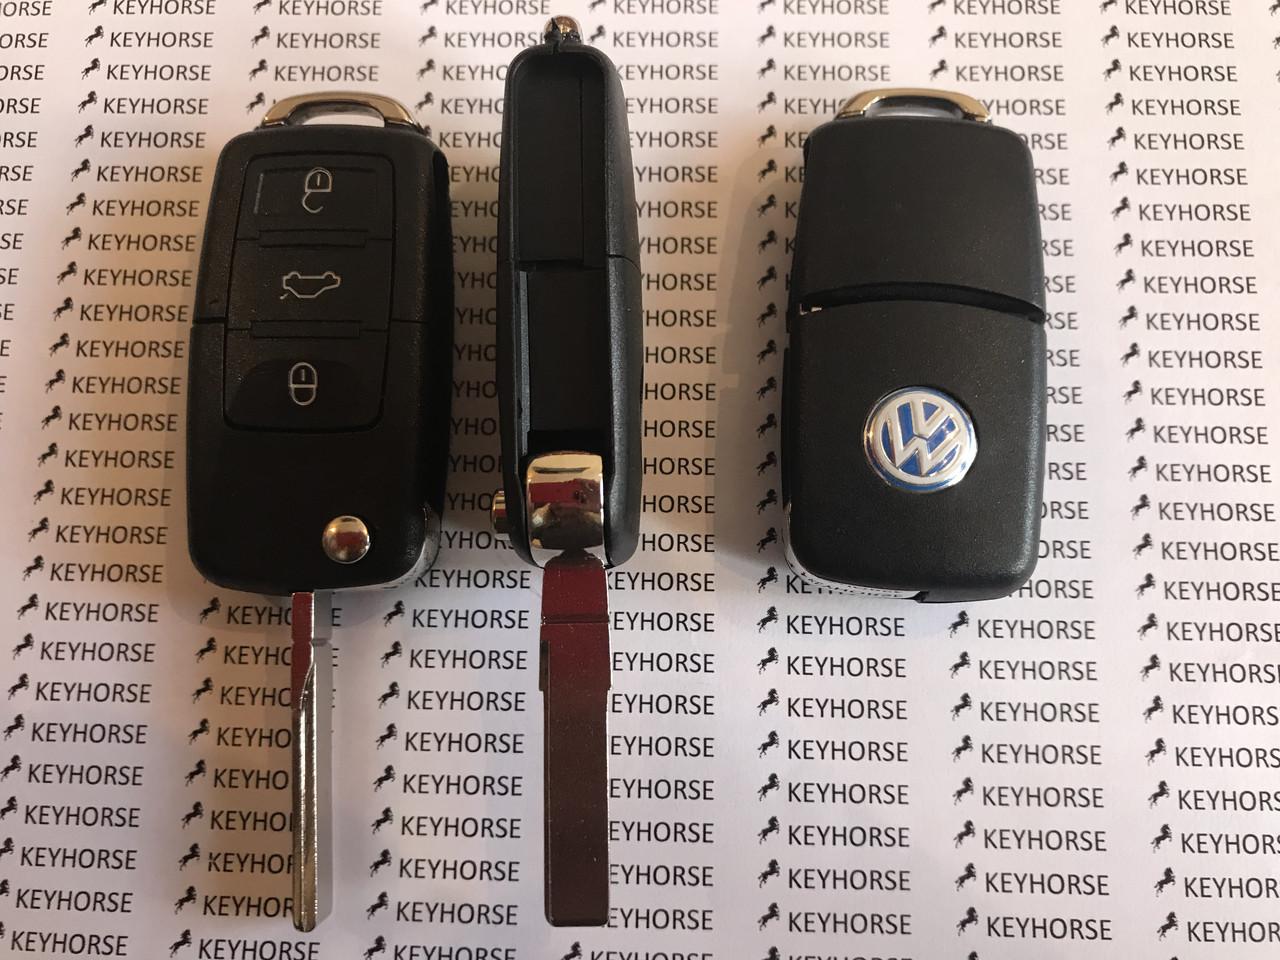 Выкидной автоключ Фольксваген (Volkswagen) 3 кнопки микросхемой 1JO 959 753 B - 434 Mhz, с ID48 чипом